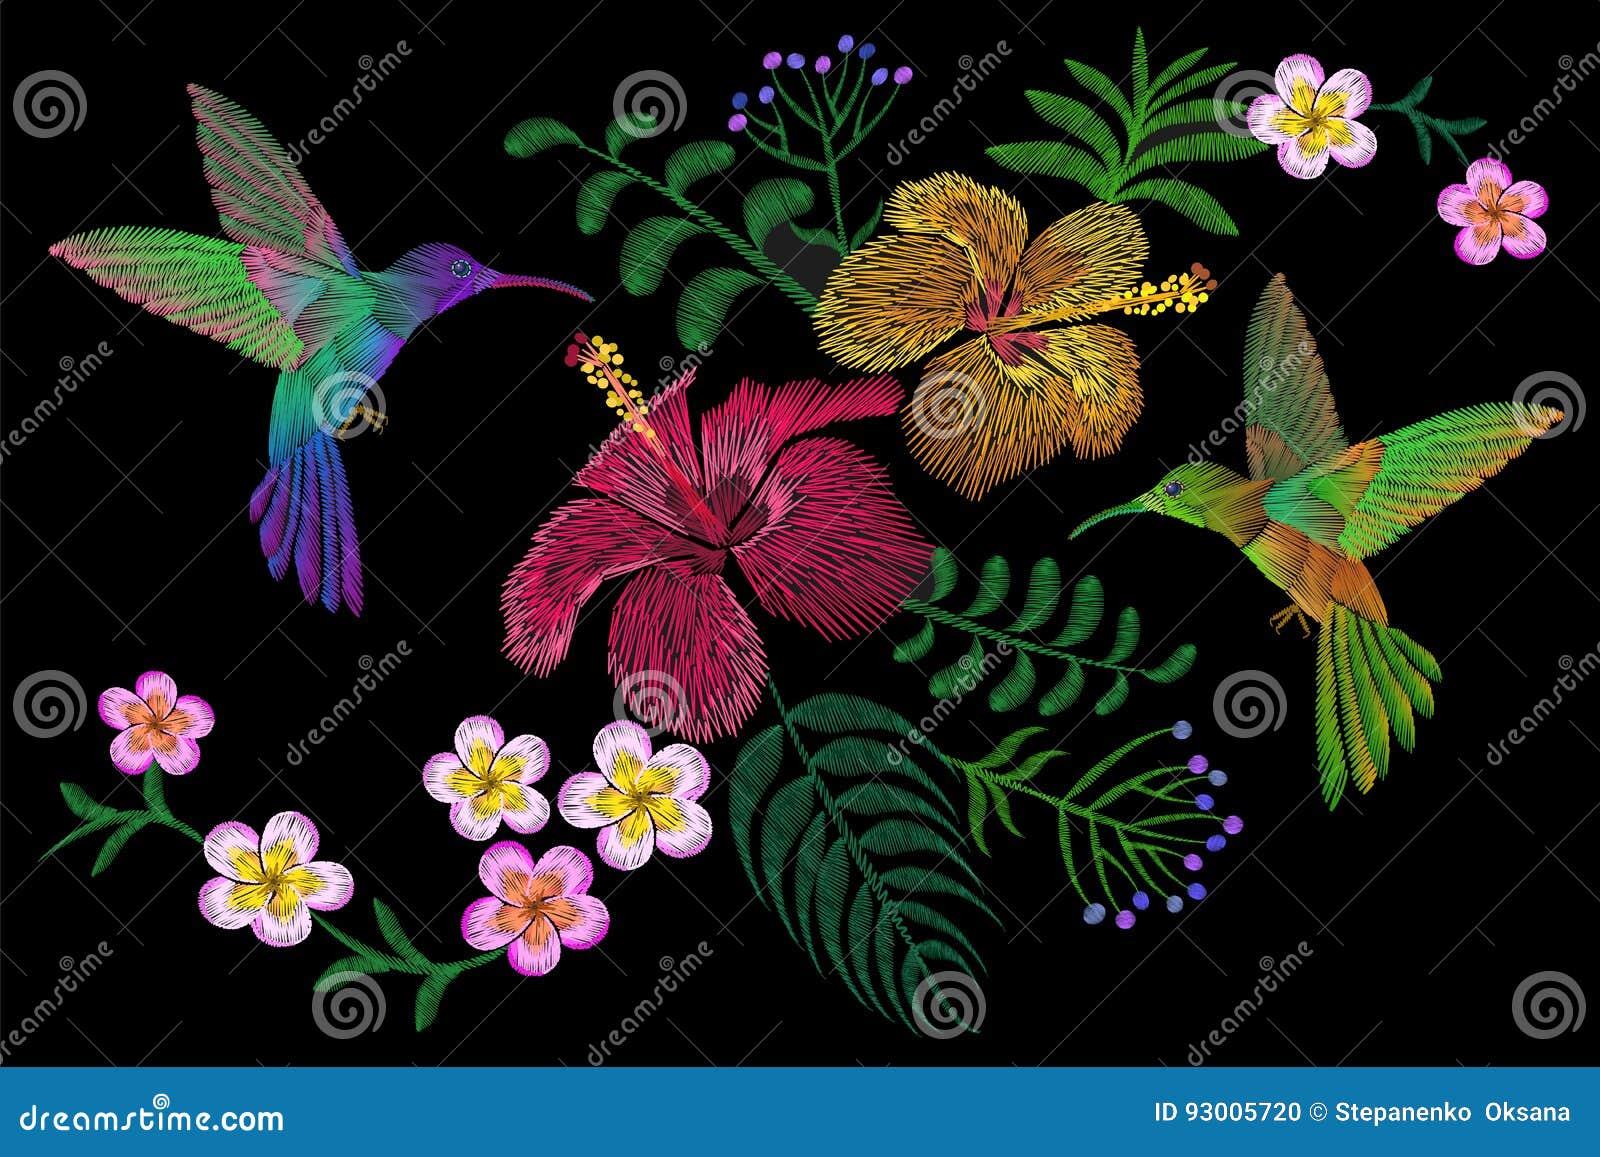 Κολίβριο γύρω από hibiscus plumeria λουλουδιών το εξωτικό τροπικό θερινό άνθος Κλωστοϋφαντουργικό προϊόν διακοσμήσεων μπαλωμάτων